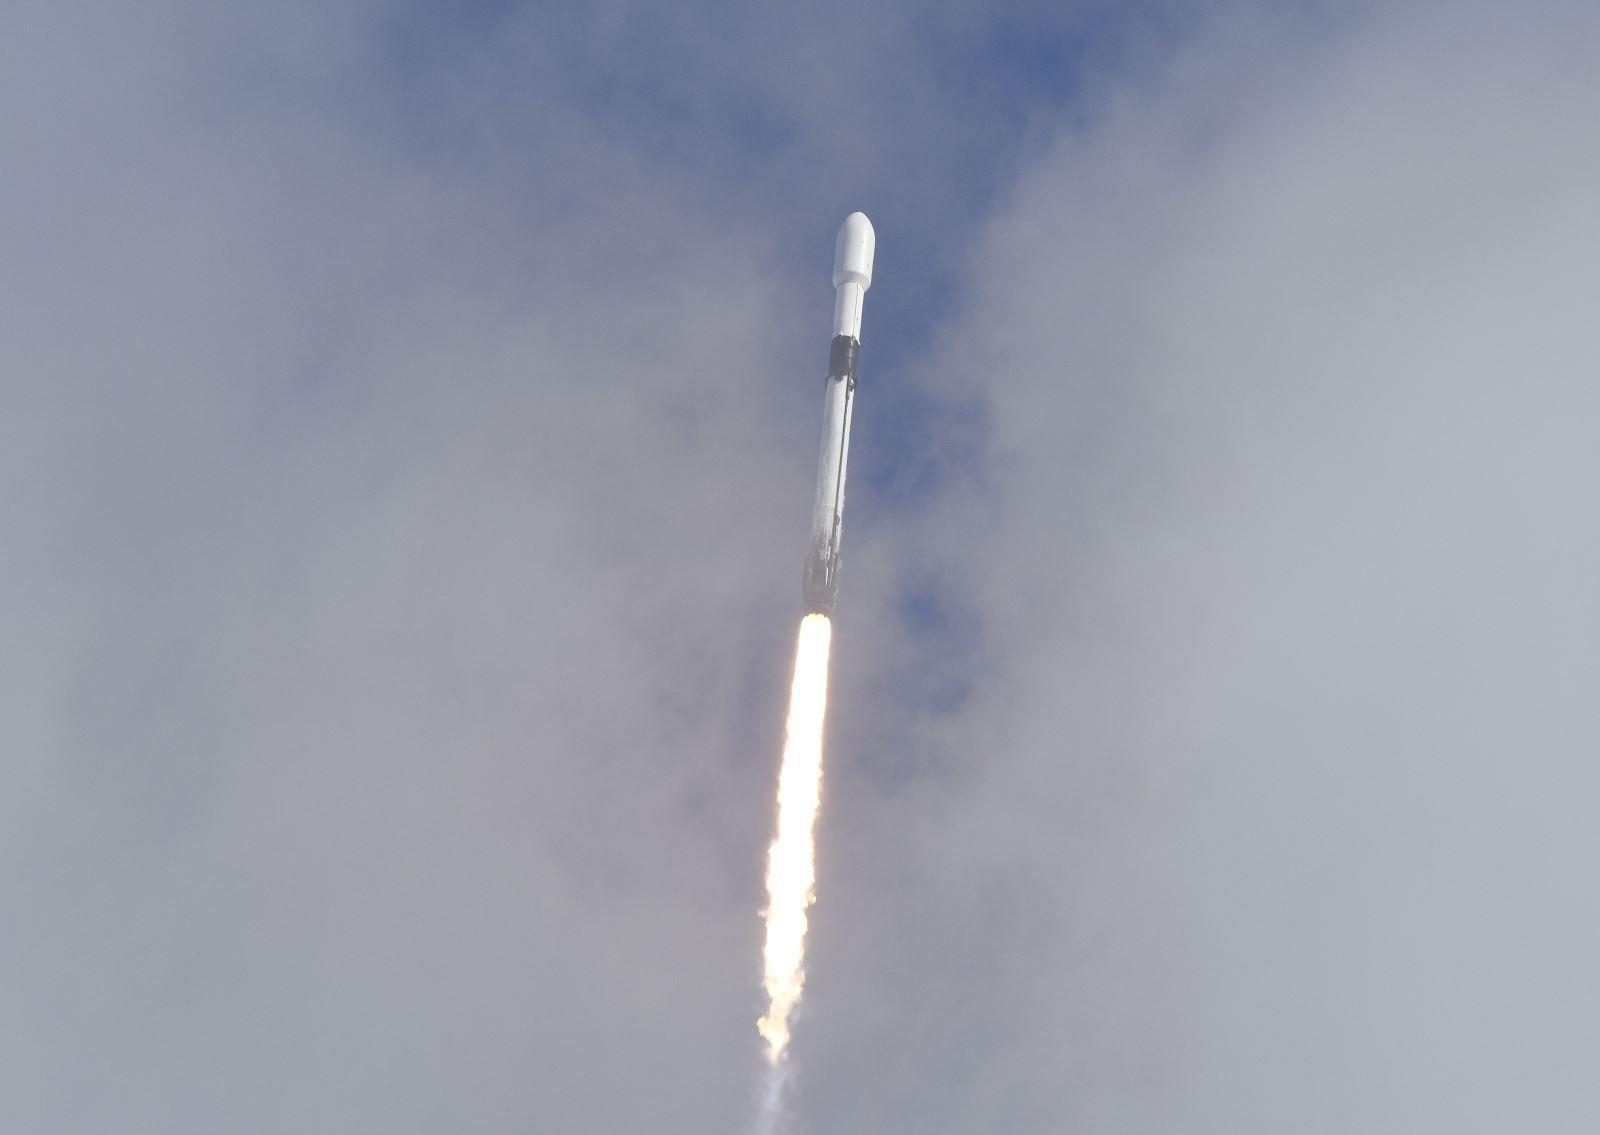 Tỷ phú Mỹ bao trọn chuyến tàu SpaceX đầu tiên chở người thường lên vũ trụ Ảnh 1